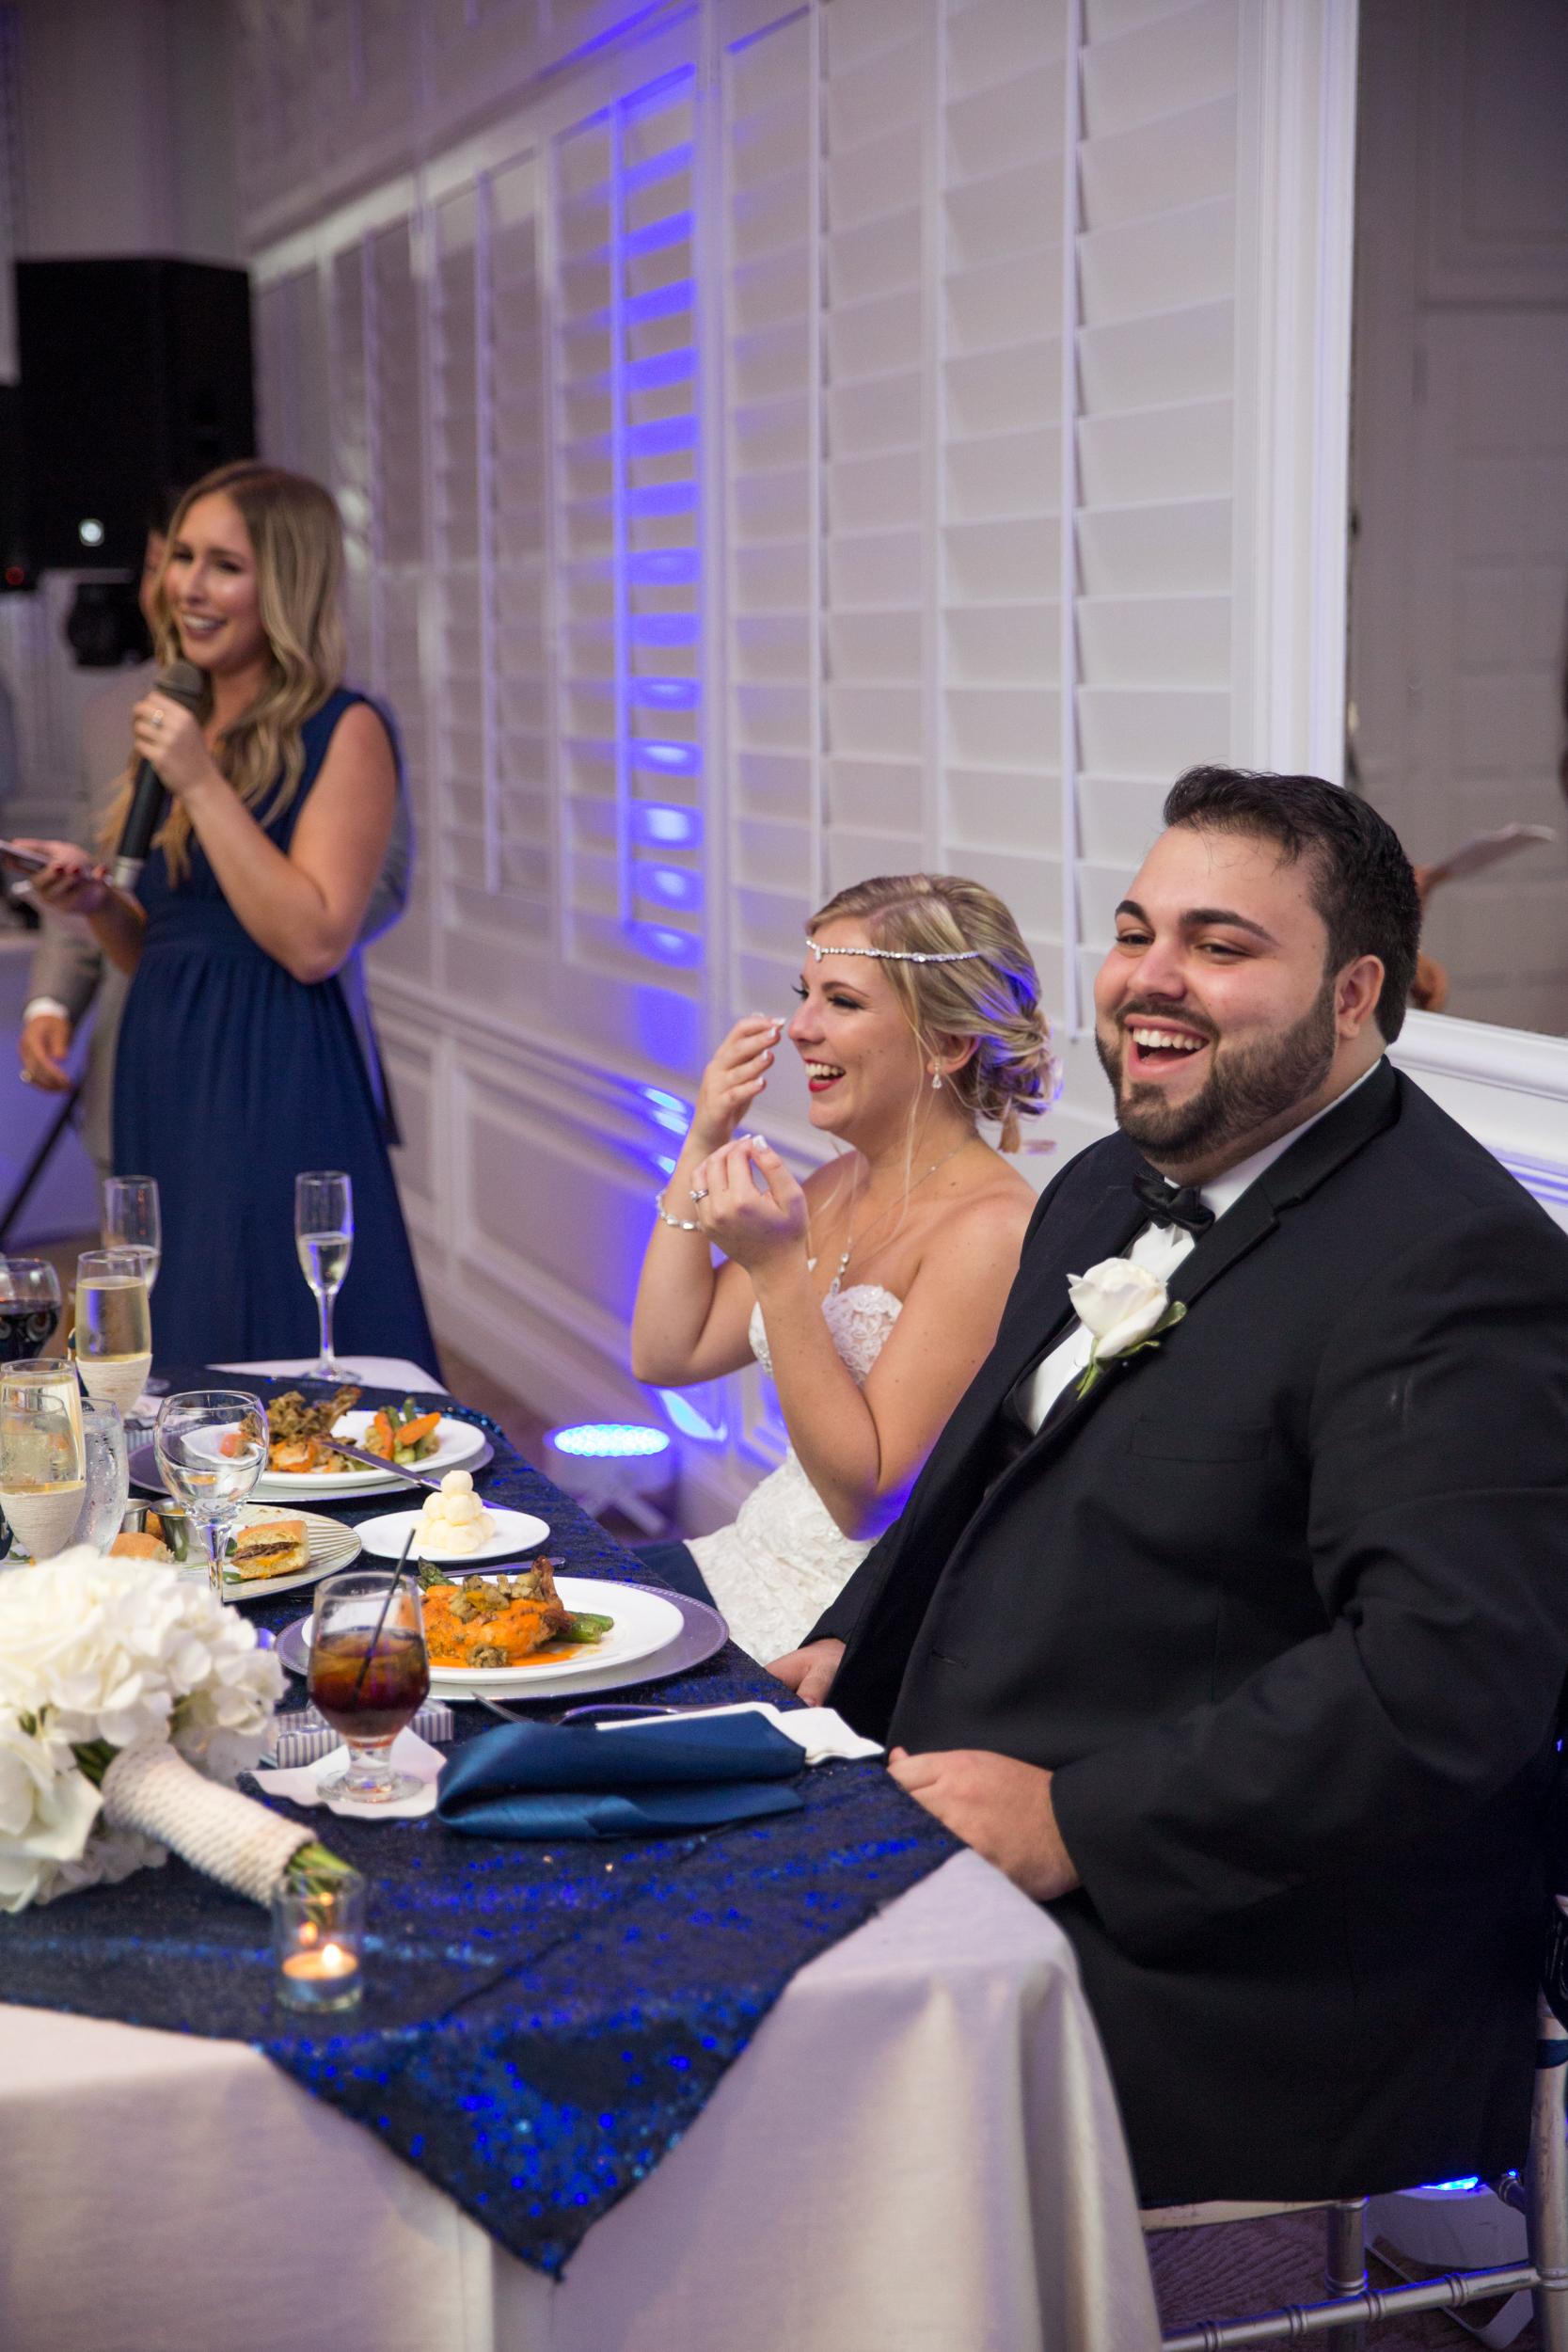 10-14-17_AshleyRichard_Wedding-139.jpg